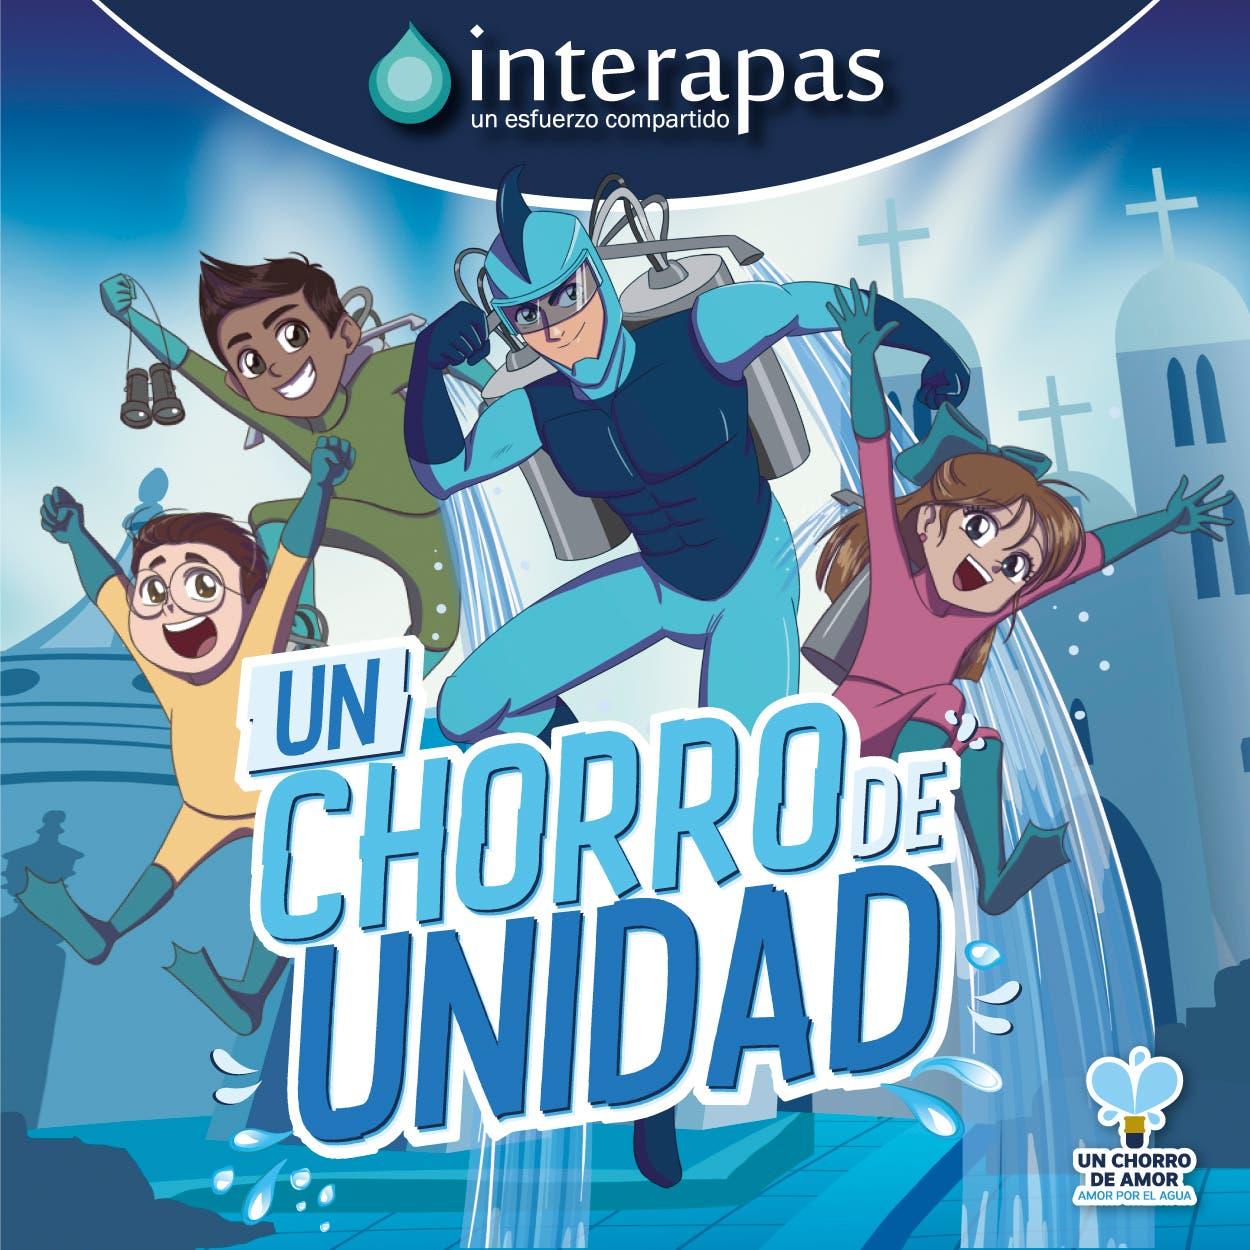 INTERAPAS INTERIOR